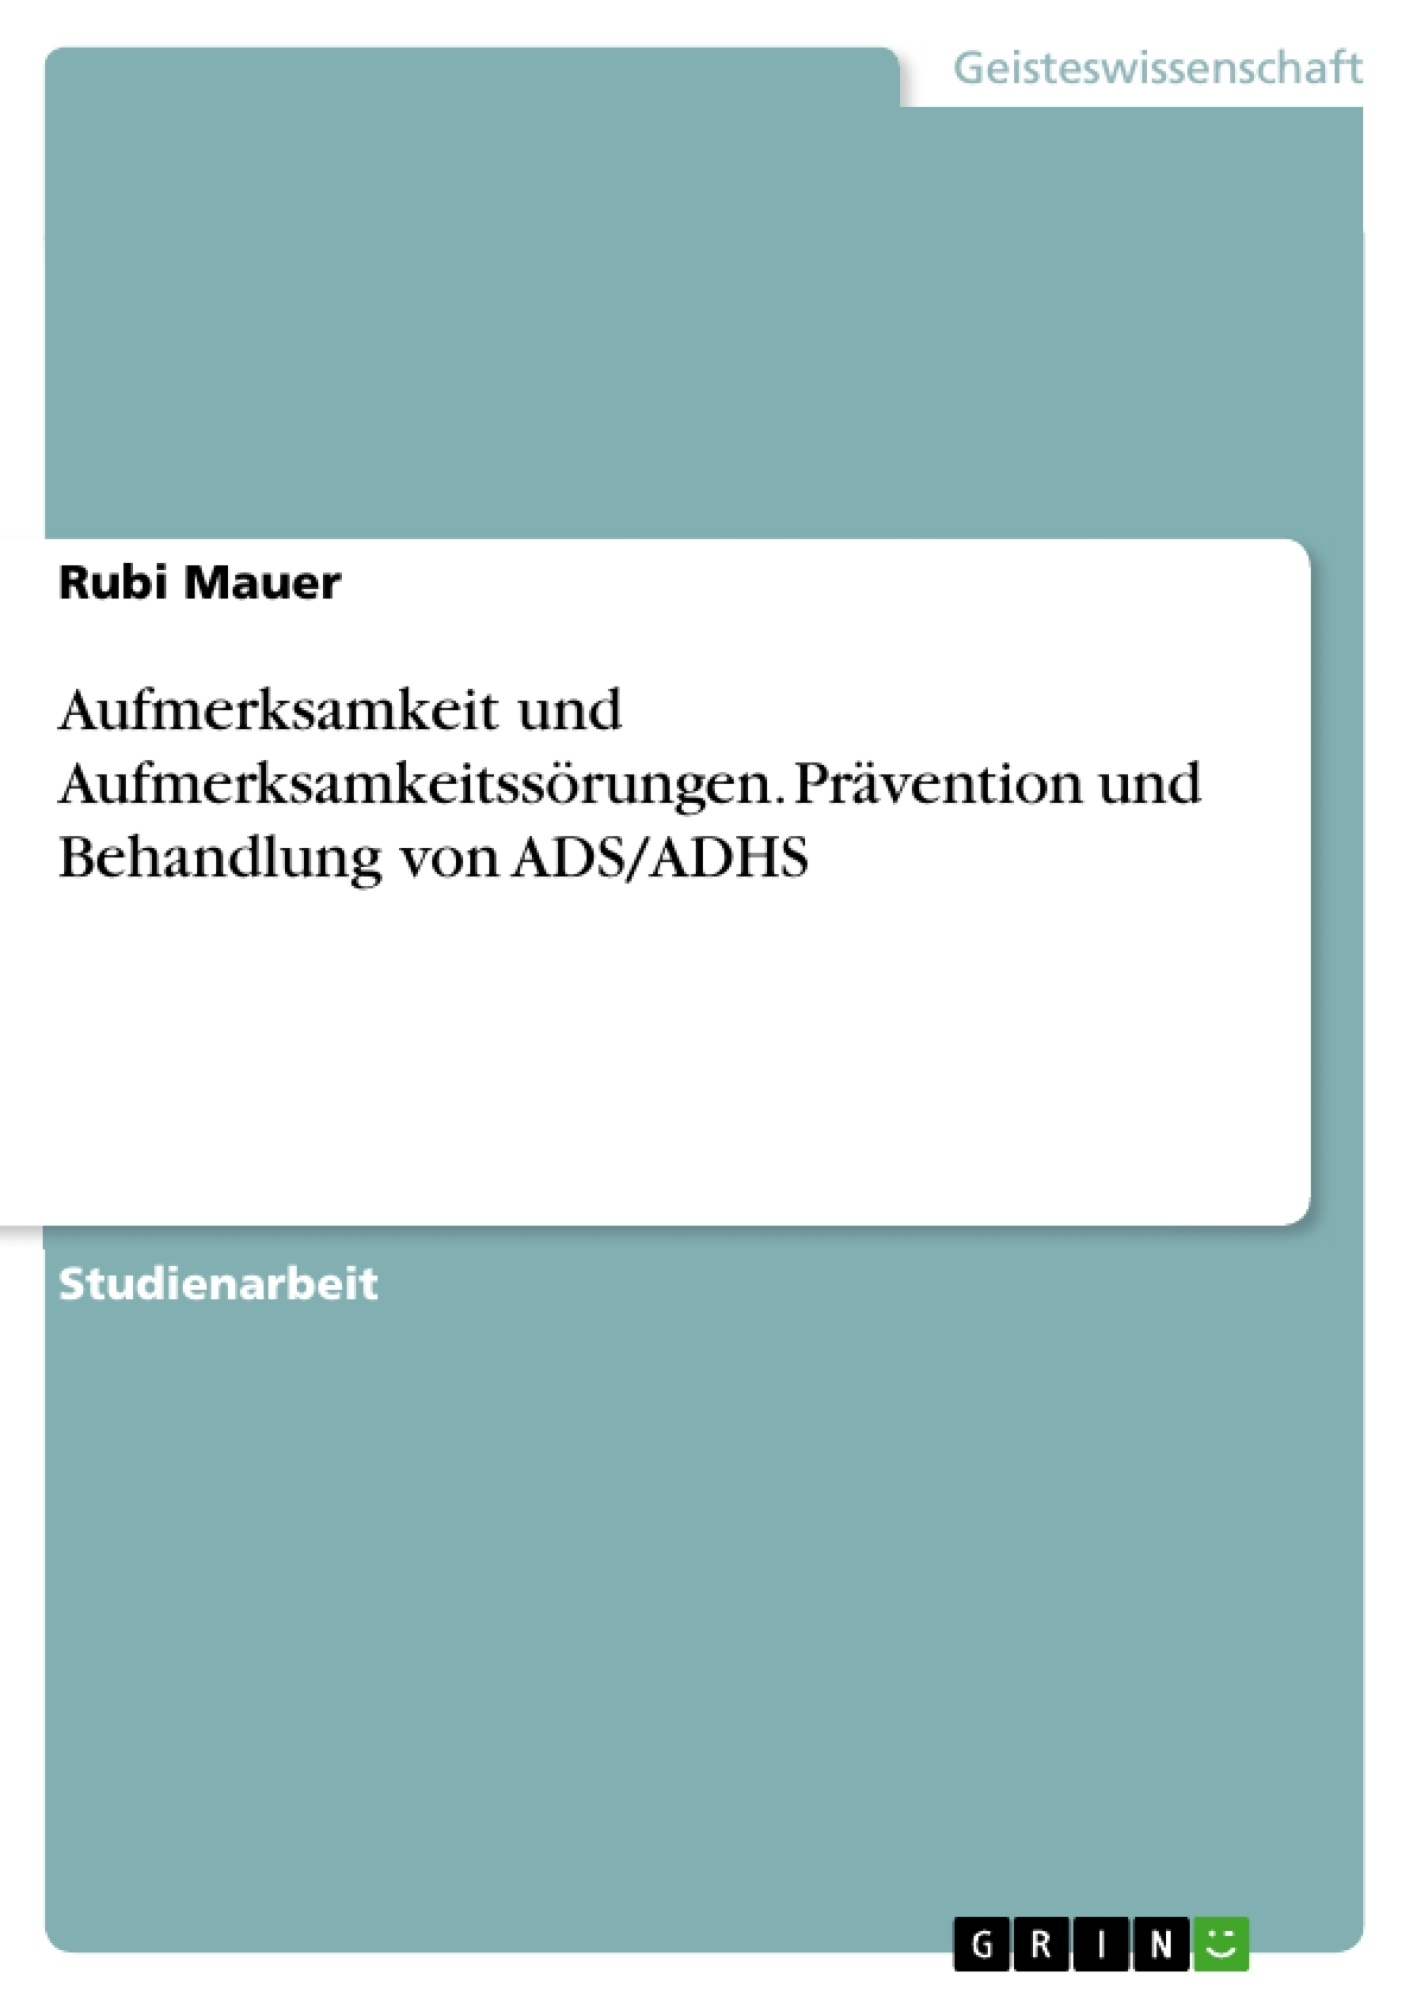 Titel: Aufmerksamkeit und Aufmerksamkeitssörungen. Prävention und Behandlung von ADS/ADHS